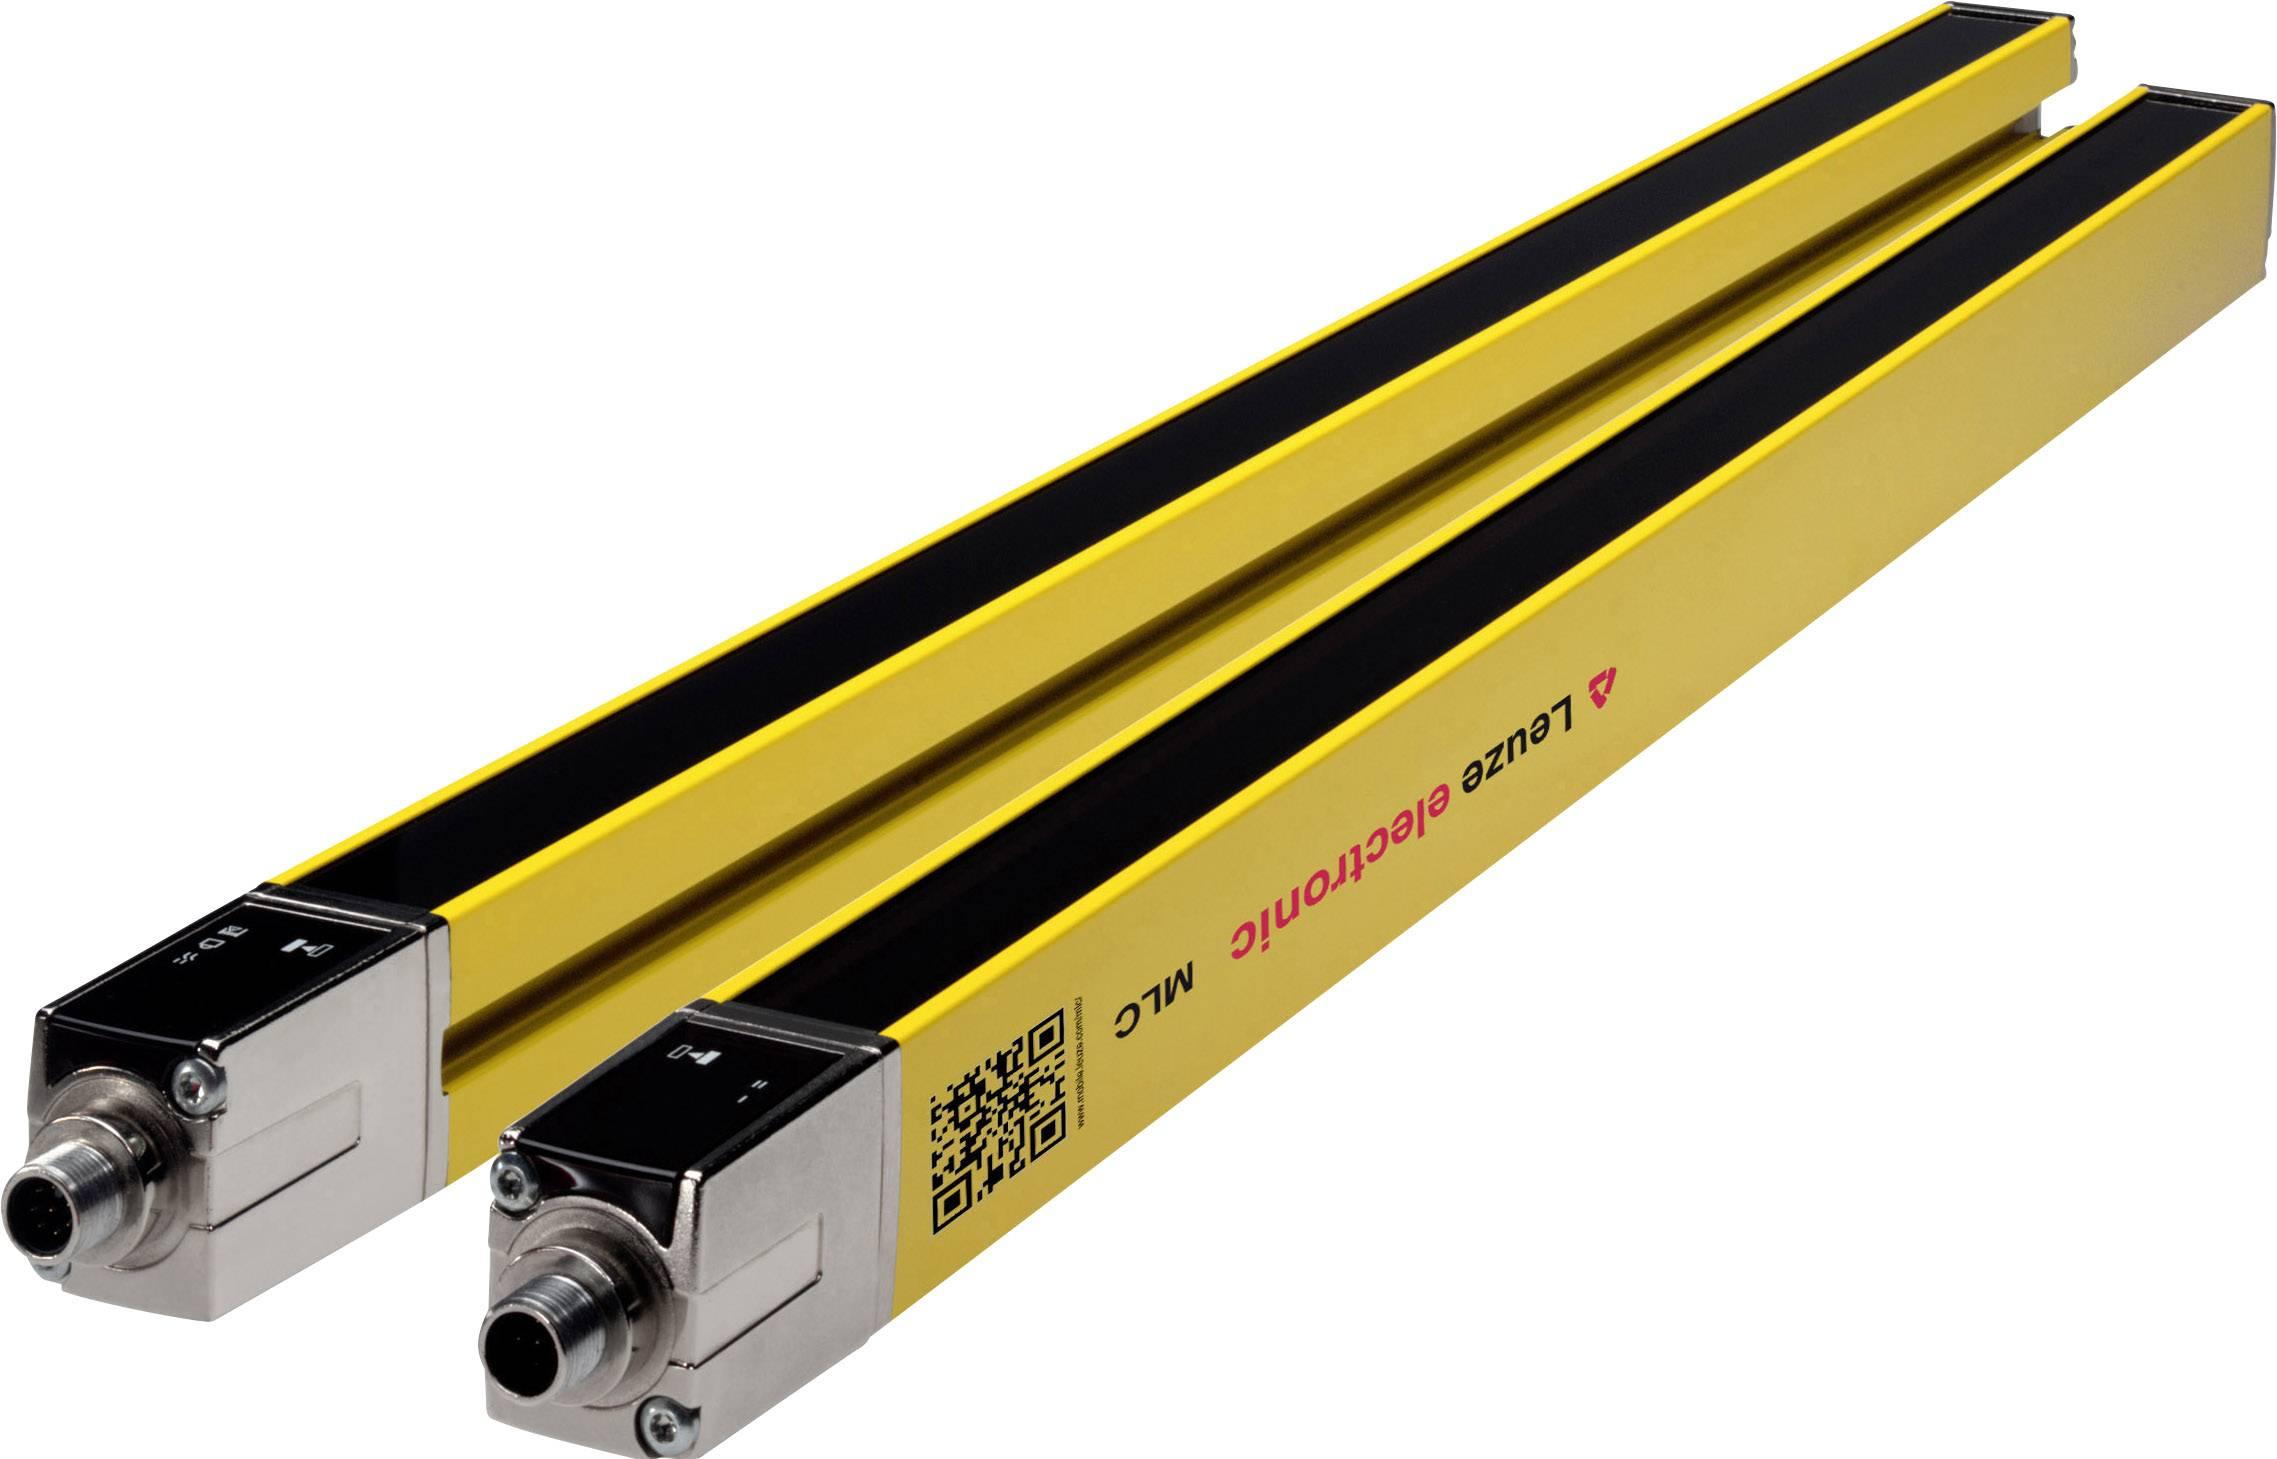 Přijímač pro bezpečnostní světelnou závoru Leuze Electronic MLC510R30-300 68001303